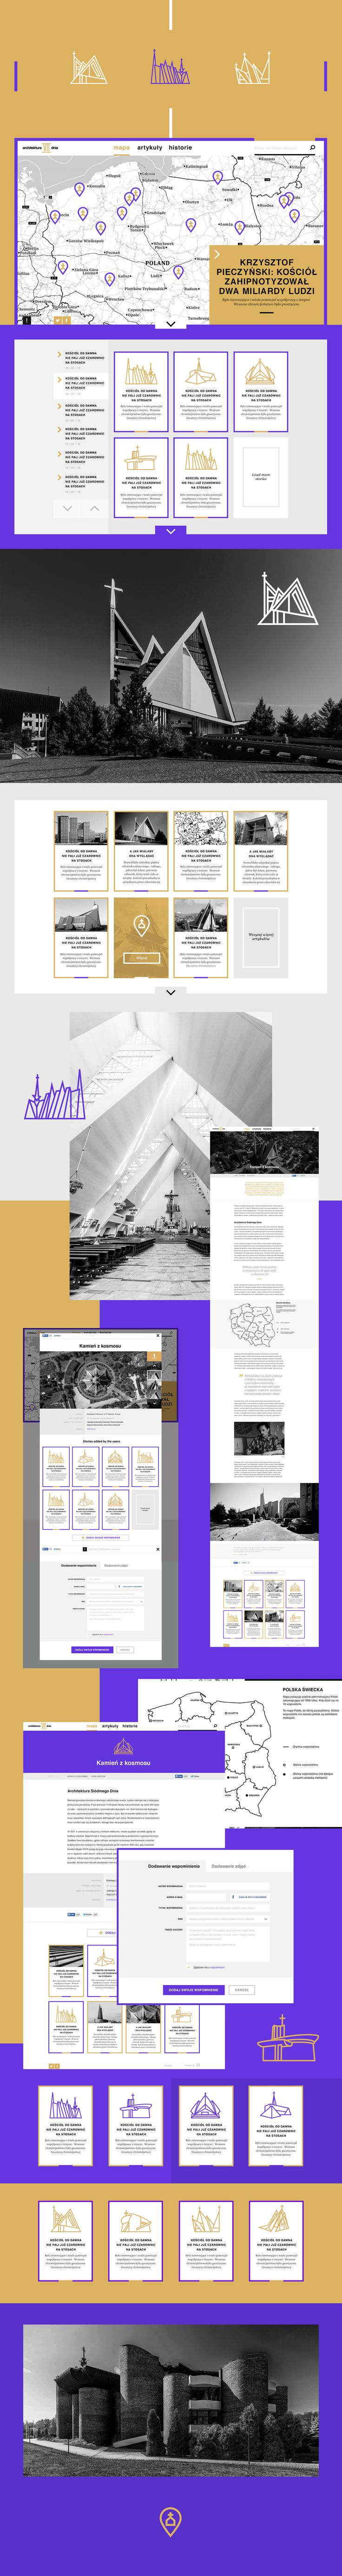 Архитектурный сайт с подборкой самобытных церквей Польши, Сайт © Pixies